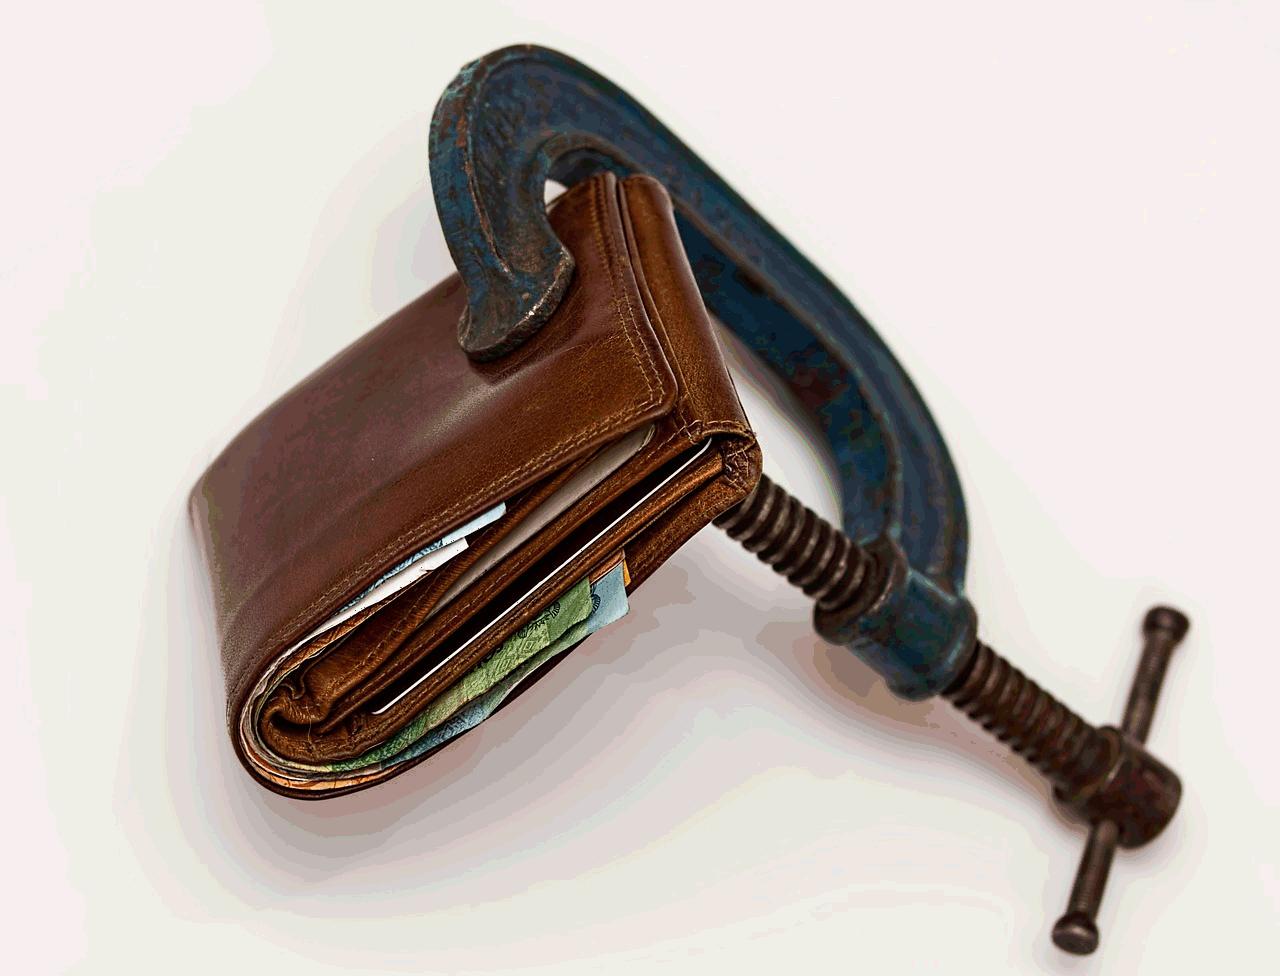 Void T X C Nceled Debt